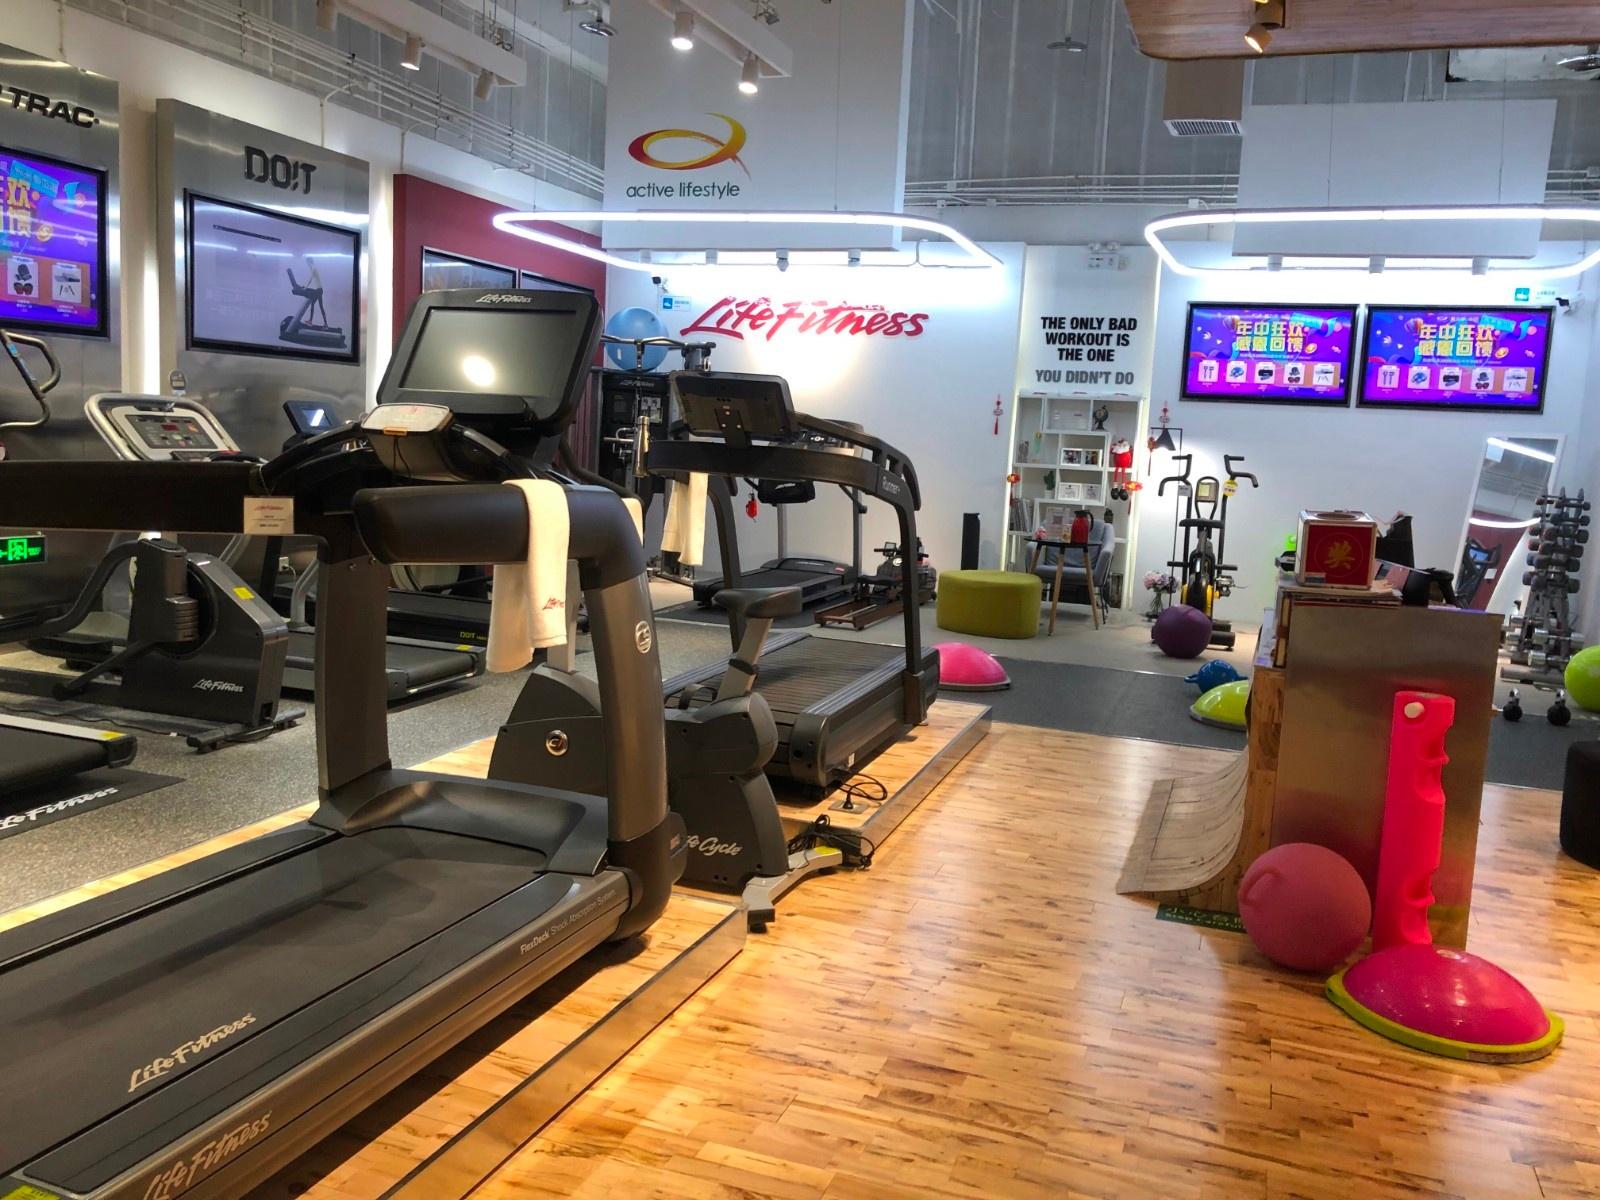 与游戏、直播结合众企业花式入局家用健身市场